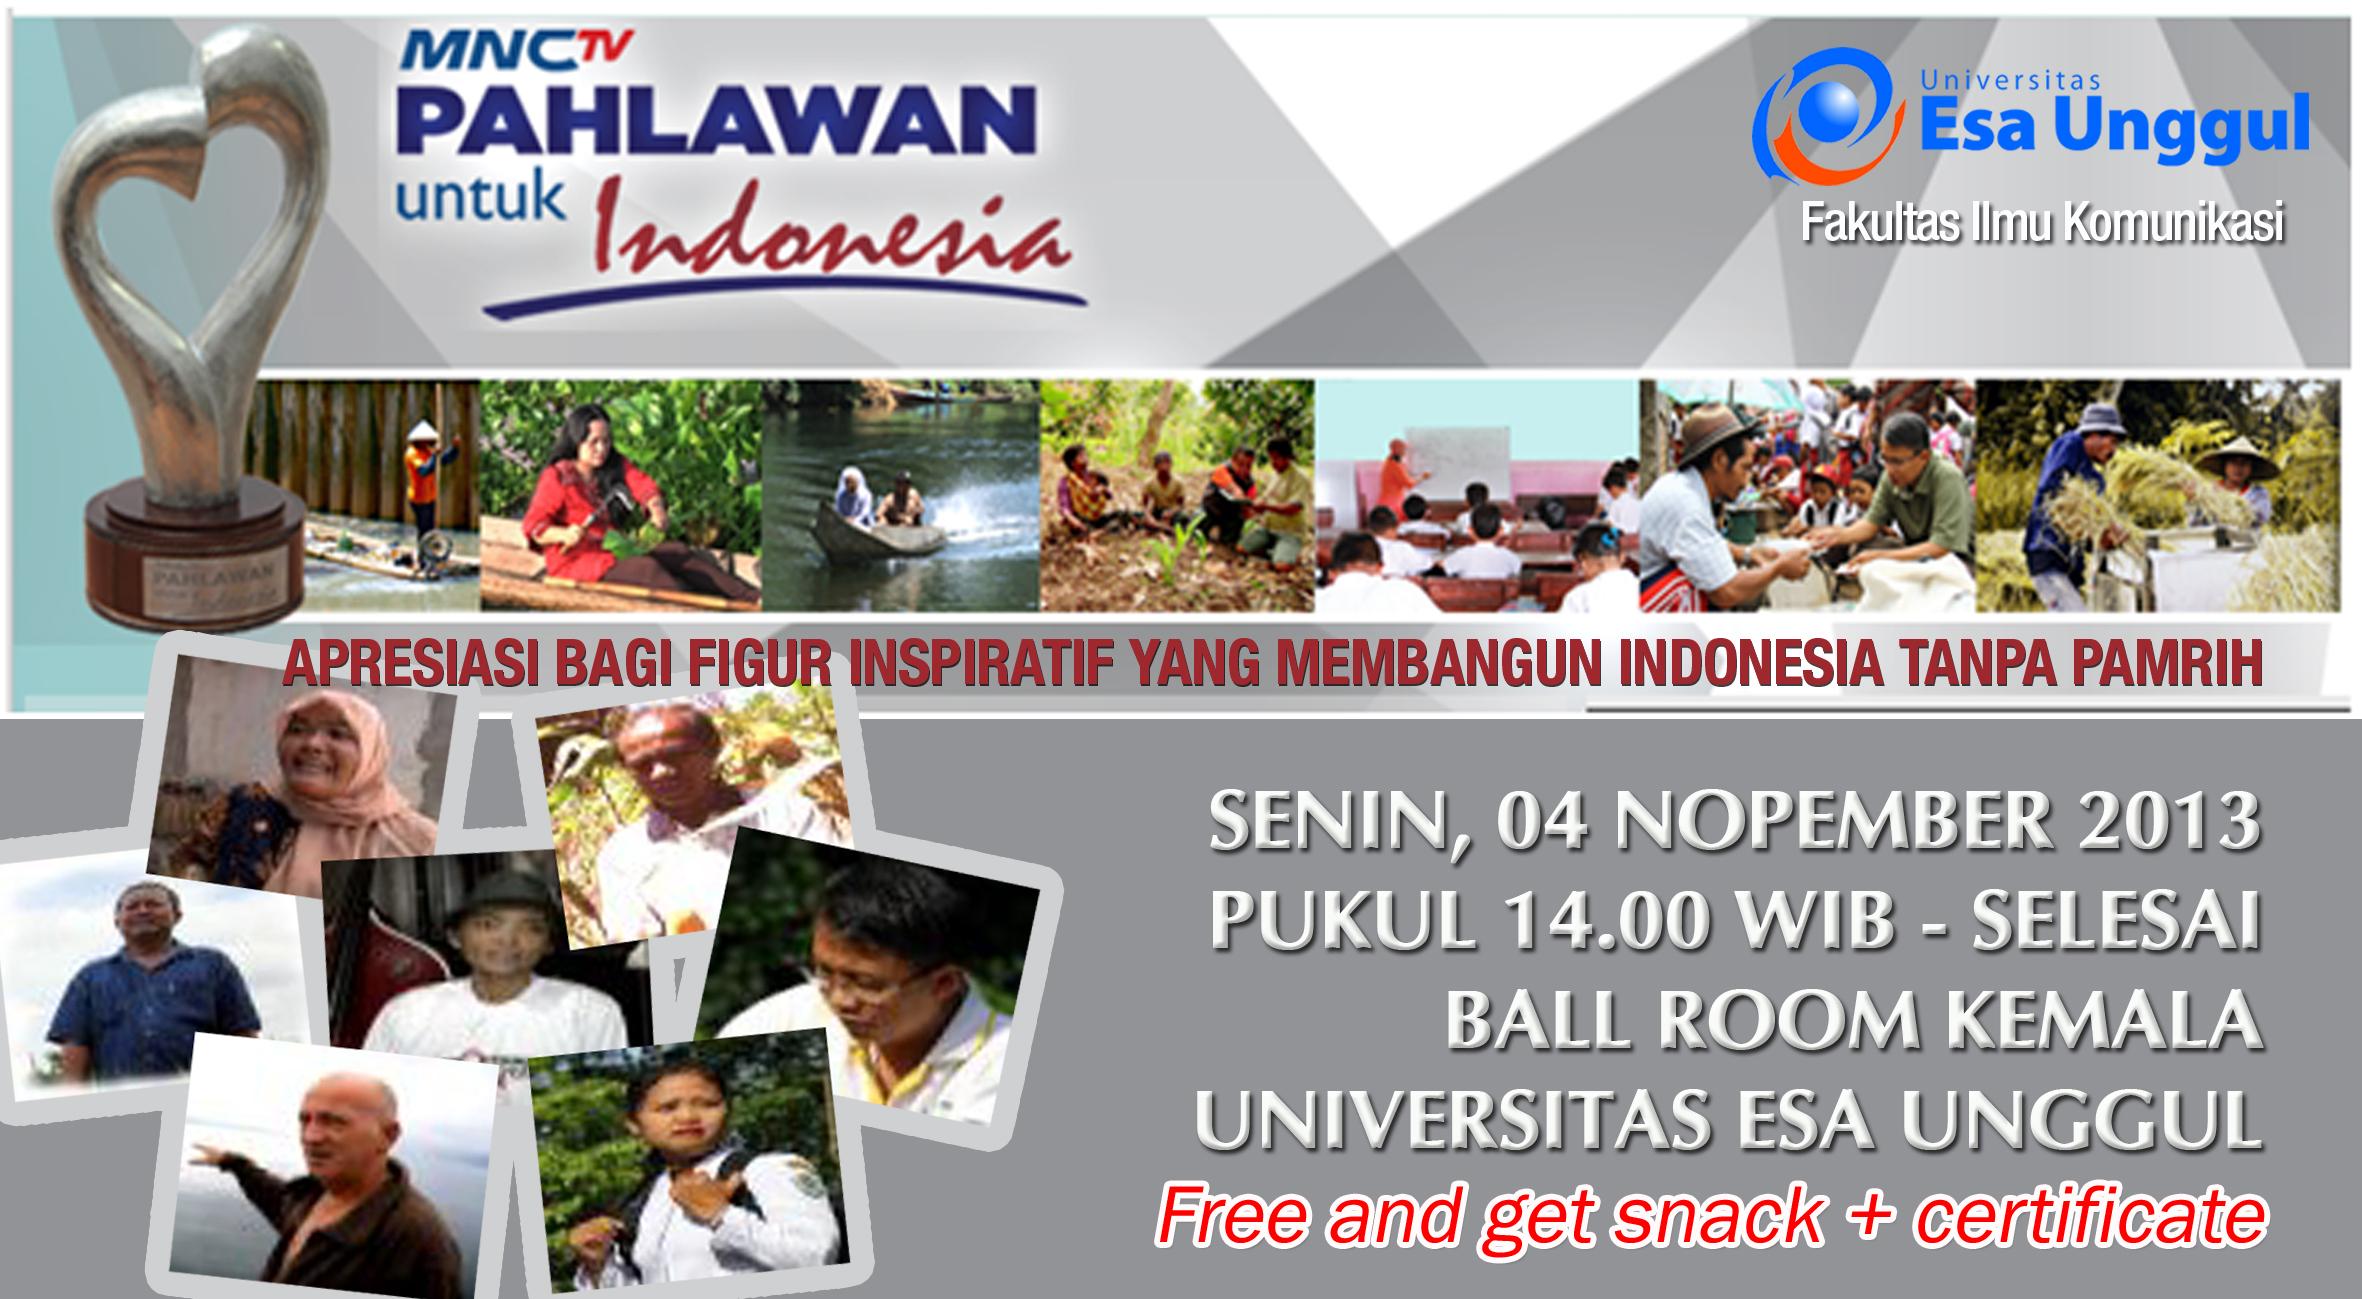 """FIKOM Universitas Esa Unggul bekerjasama dengan MNC TV menyelenggarakan Acara """" MNC TV Pahlawan Untuk Indonesia """""""